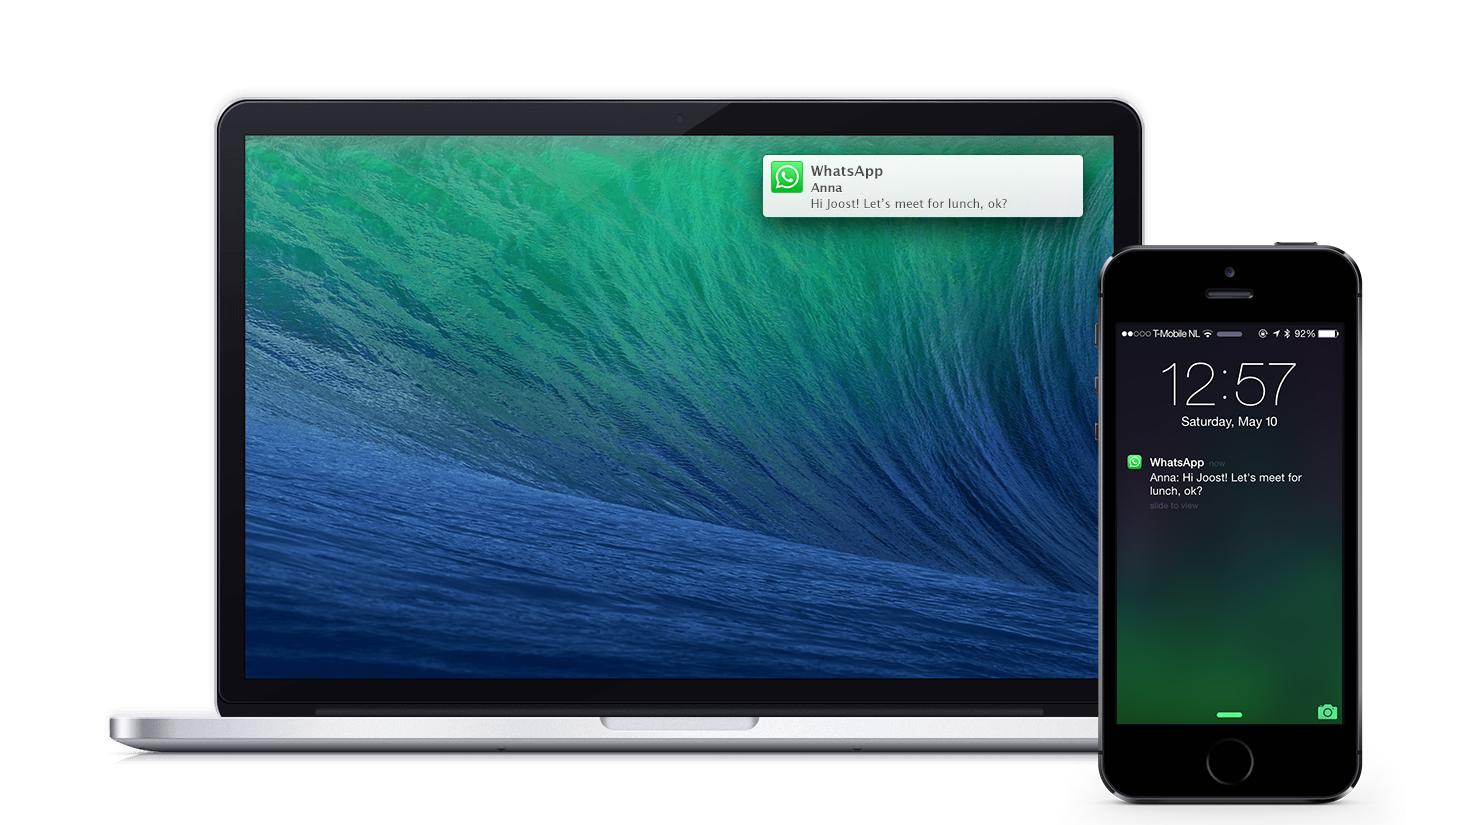 notifyr-ios-iphone-mac